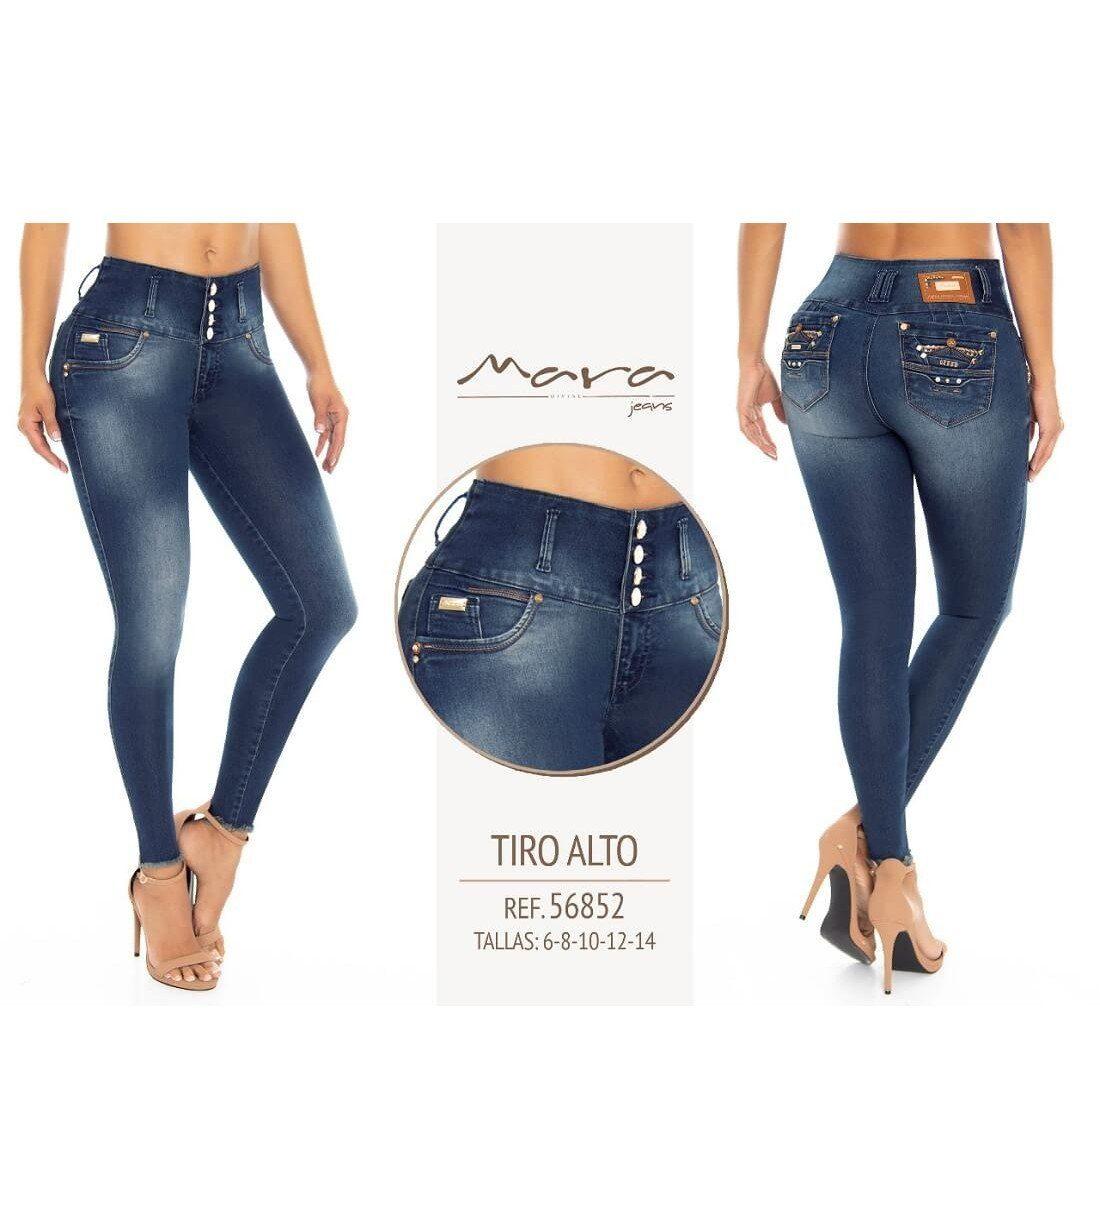 Jeans Colombiano Mara- 56852